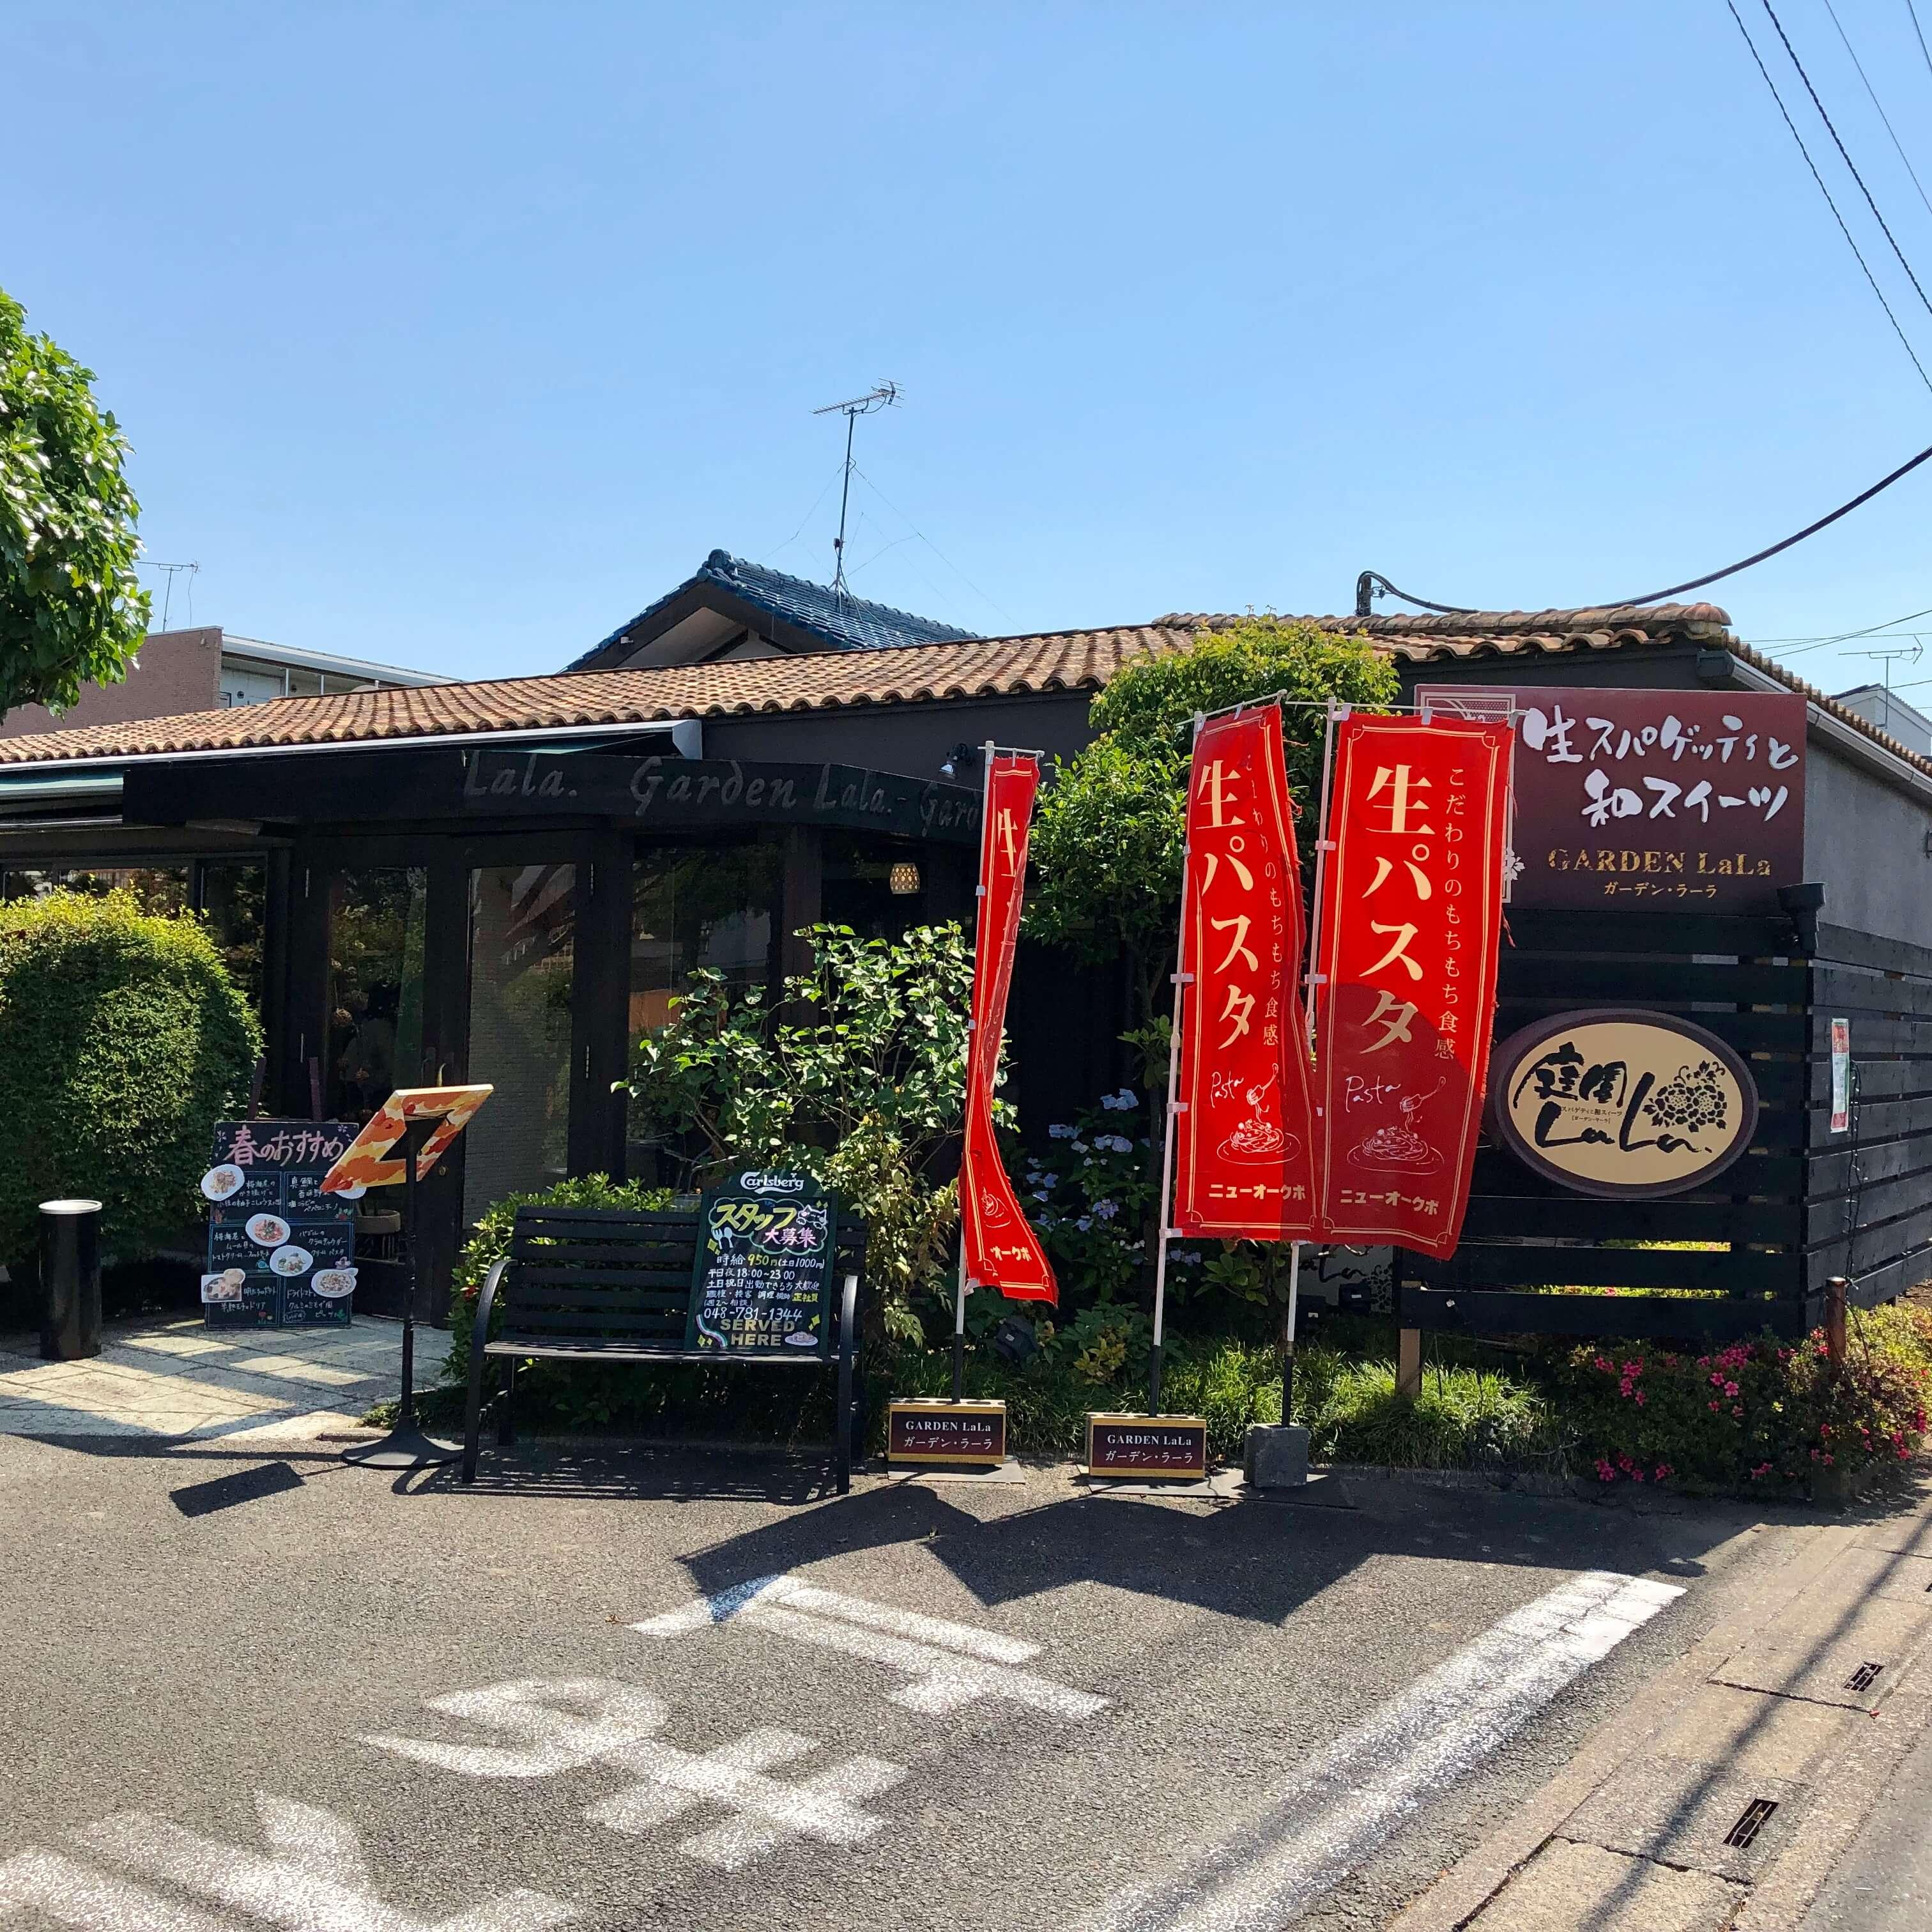 上尾・庭園LaLa|生パスタと和スイーツが美味しいイタリアンのランチタイムをレポ!